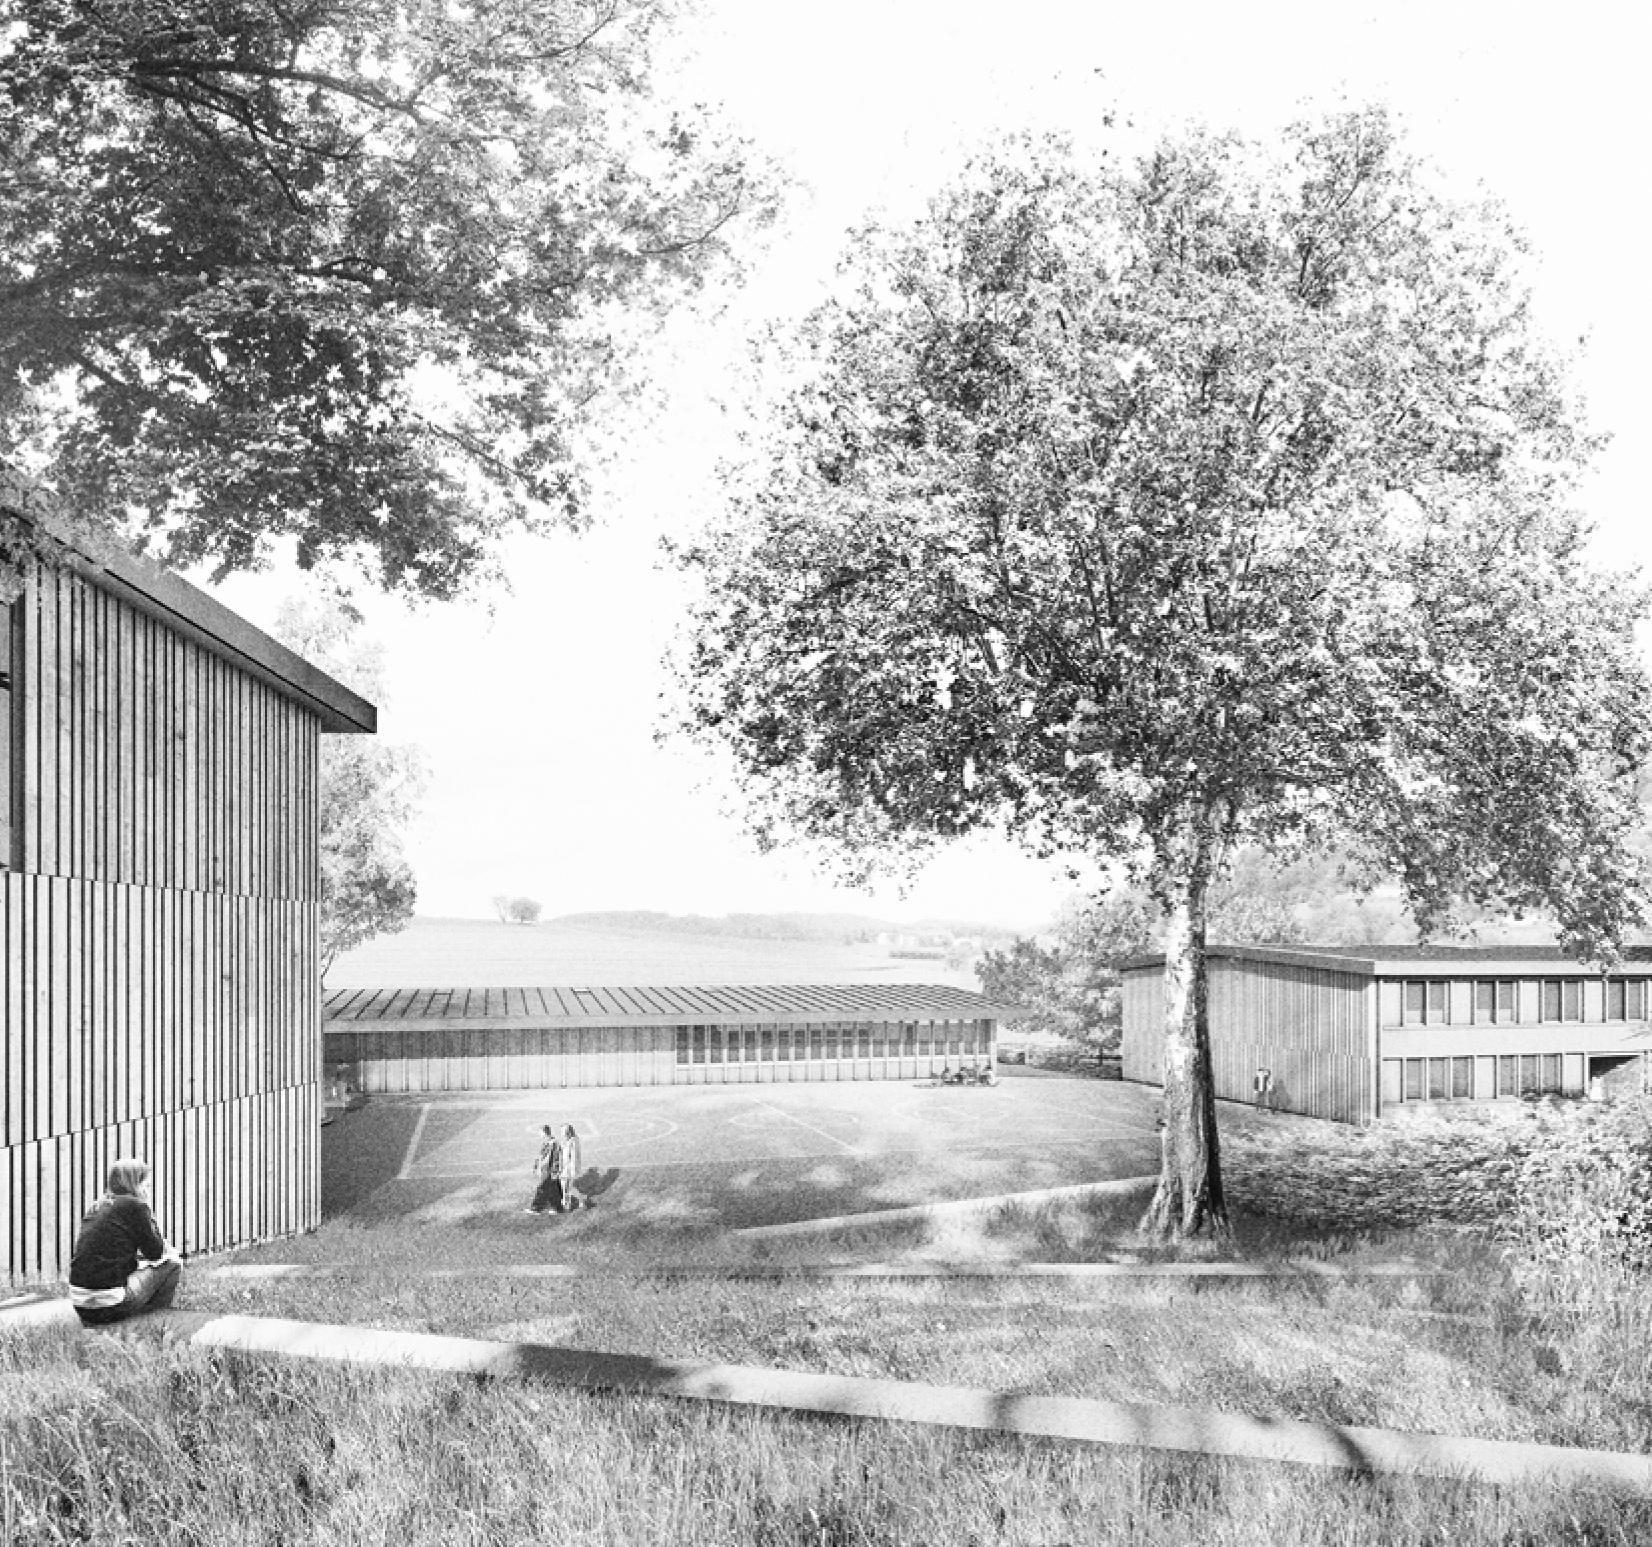 Neubau Kompetenzzentrum, Krisen und Notaufnahmen Aargau (KUNA), Egliswil